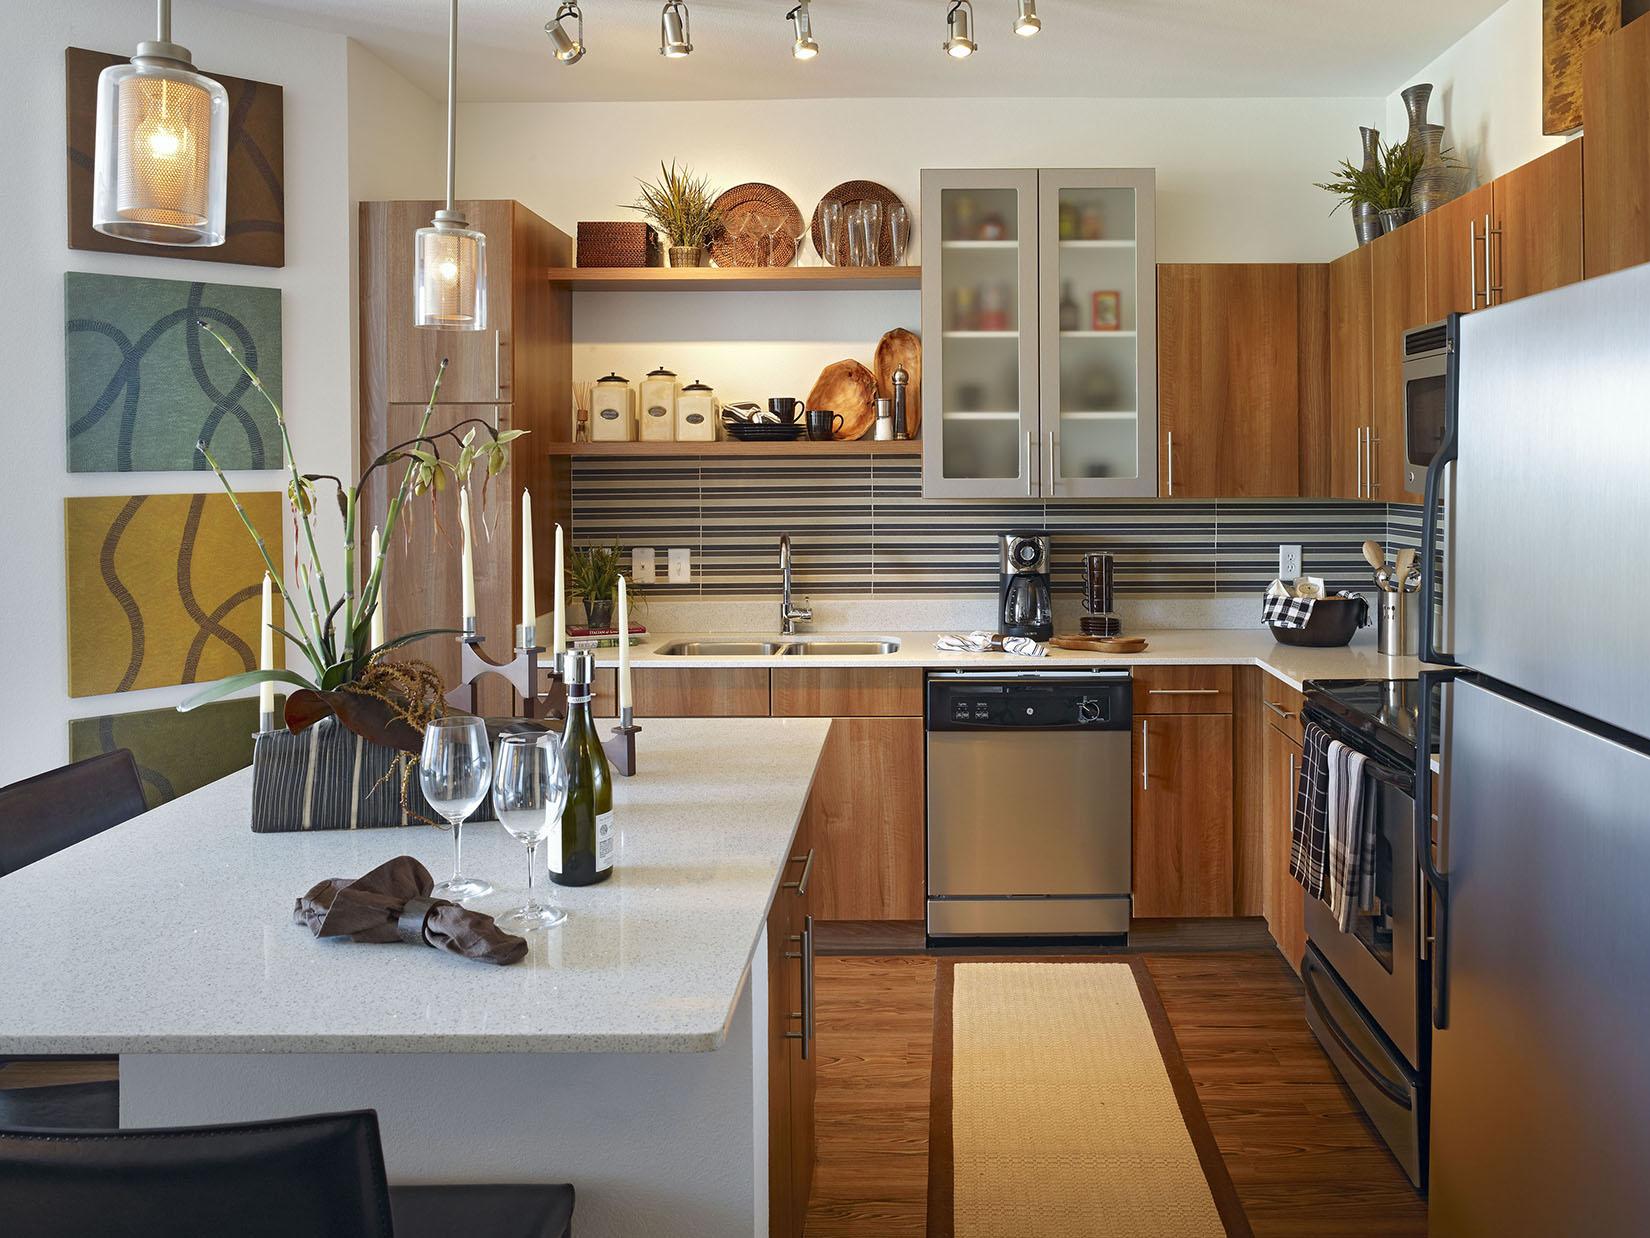 Image result for Interior Design and kitchen sets